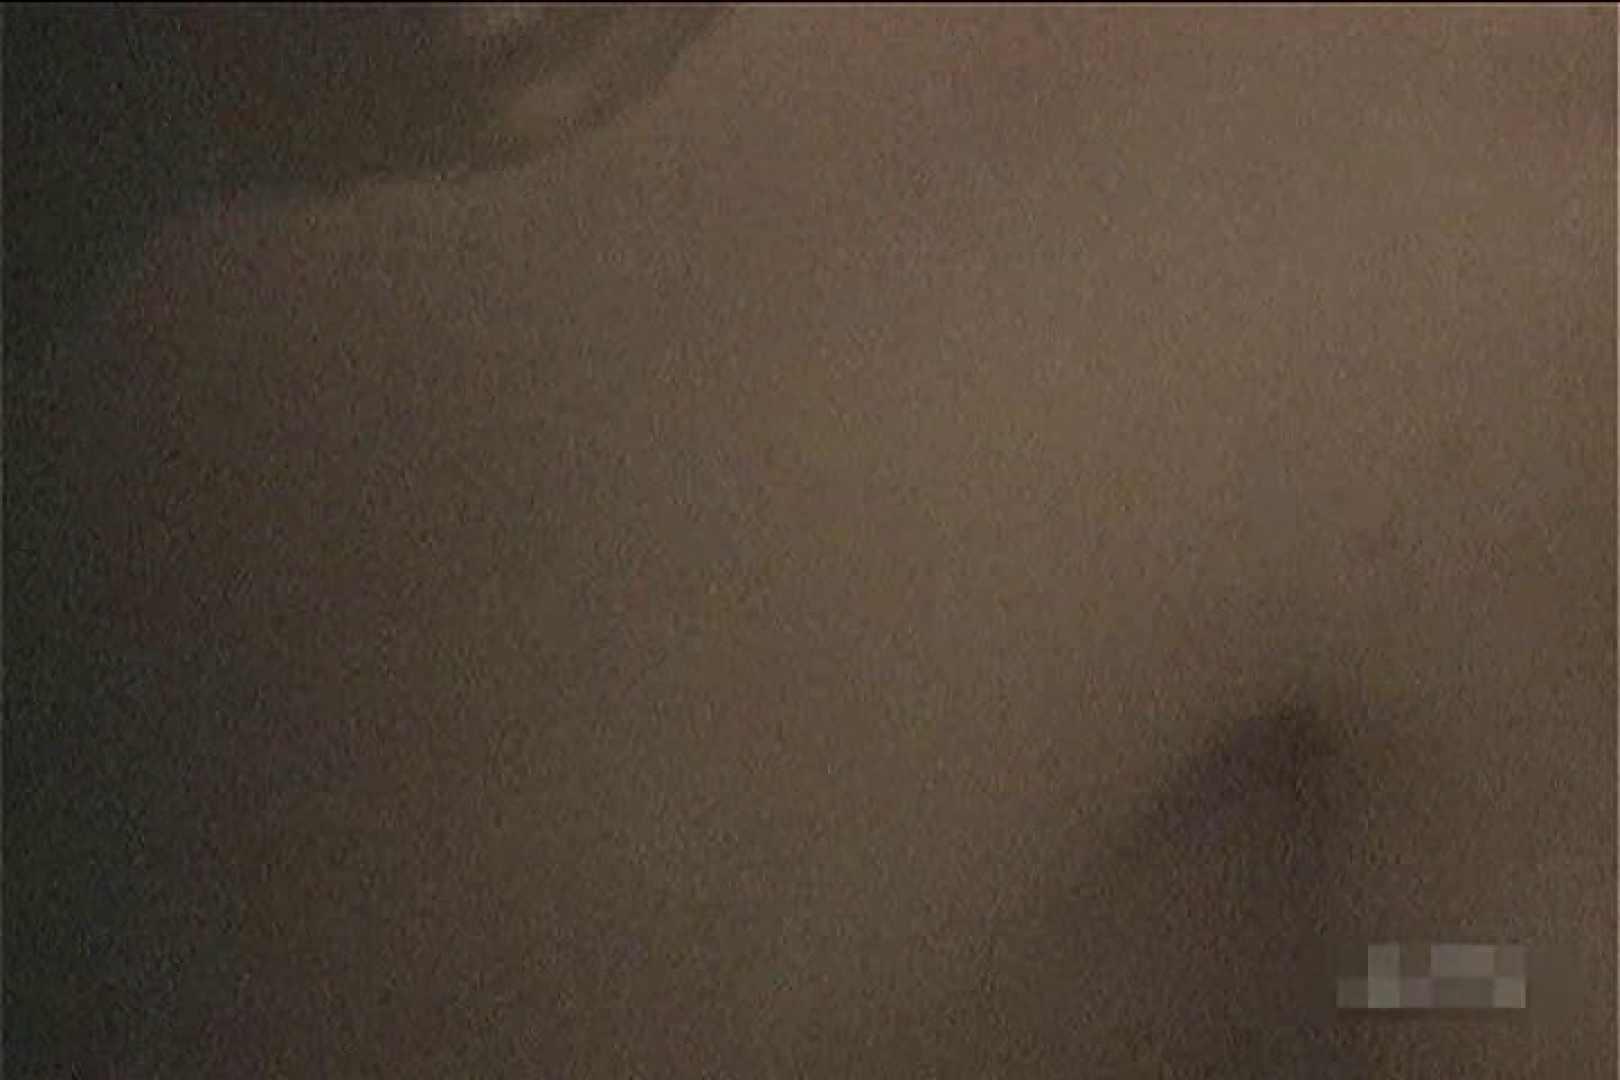 激撮ストーカー記録あなたのお宅拝見しますVol.8 民家でお風呂 ぱこり動画紹介 110連発 69